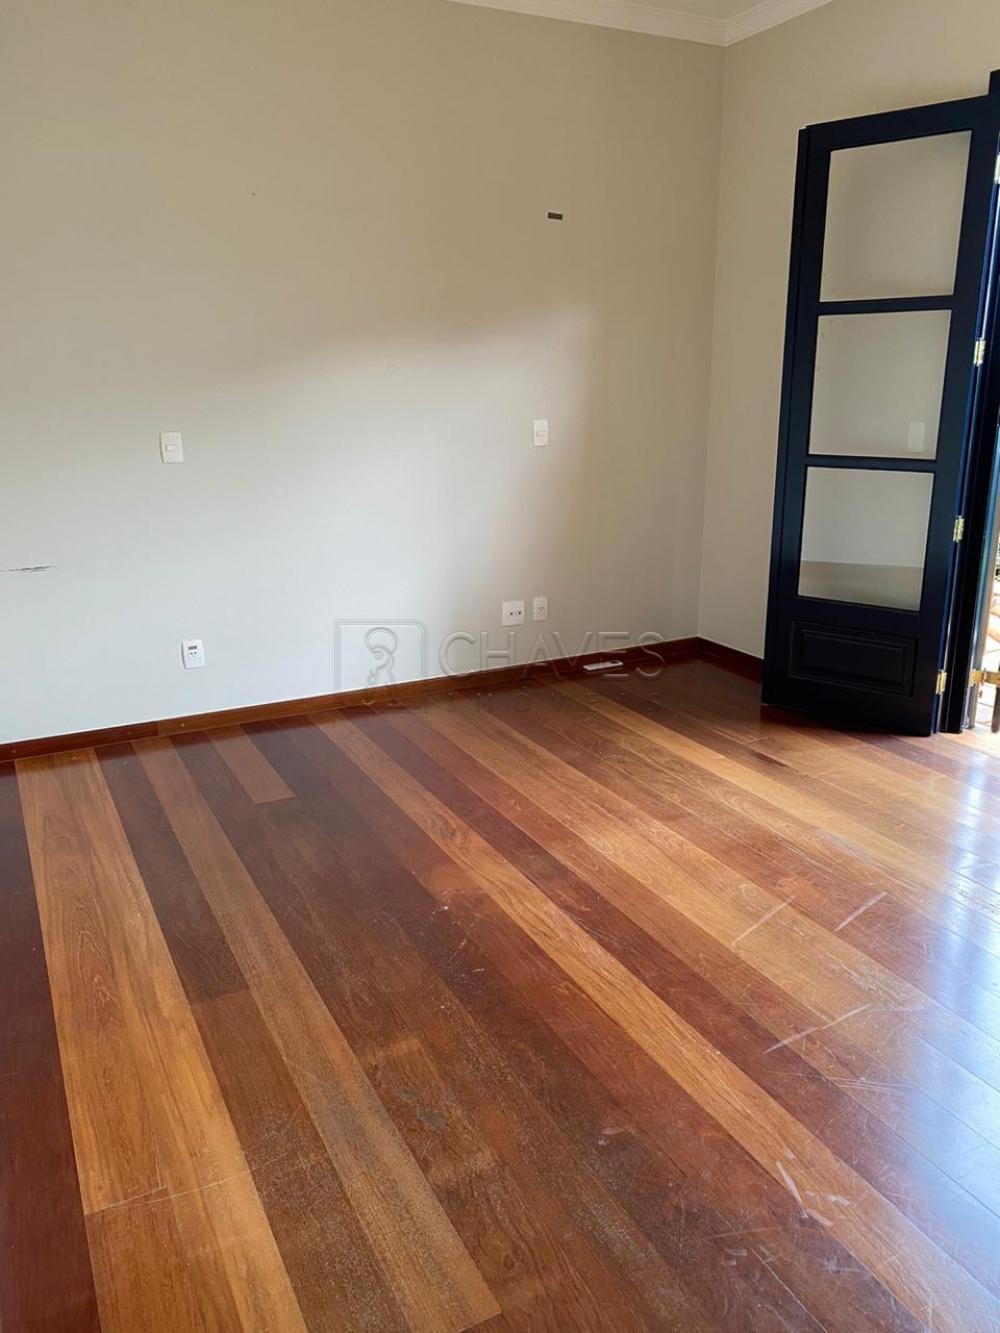 Comprar Casa / Condomínio em Ribeirão Preto apenas R$ 4.900.000,00 - Foto 7